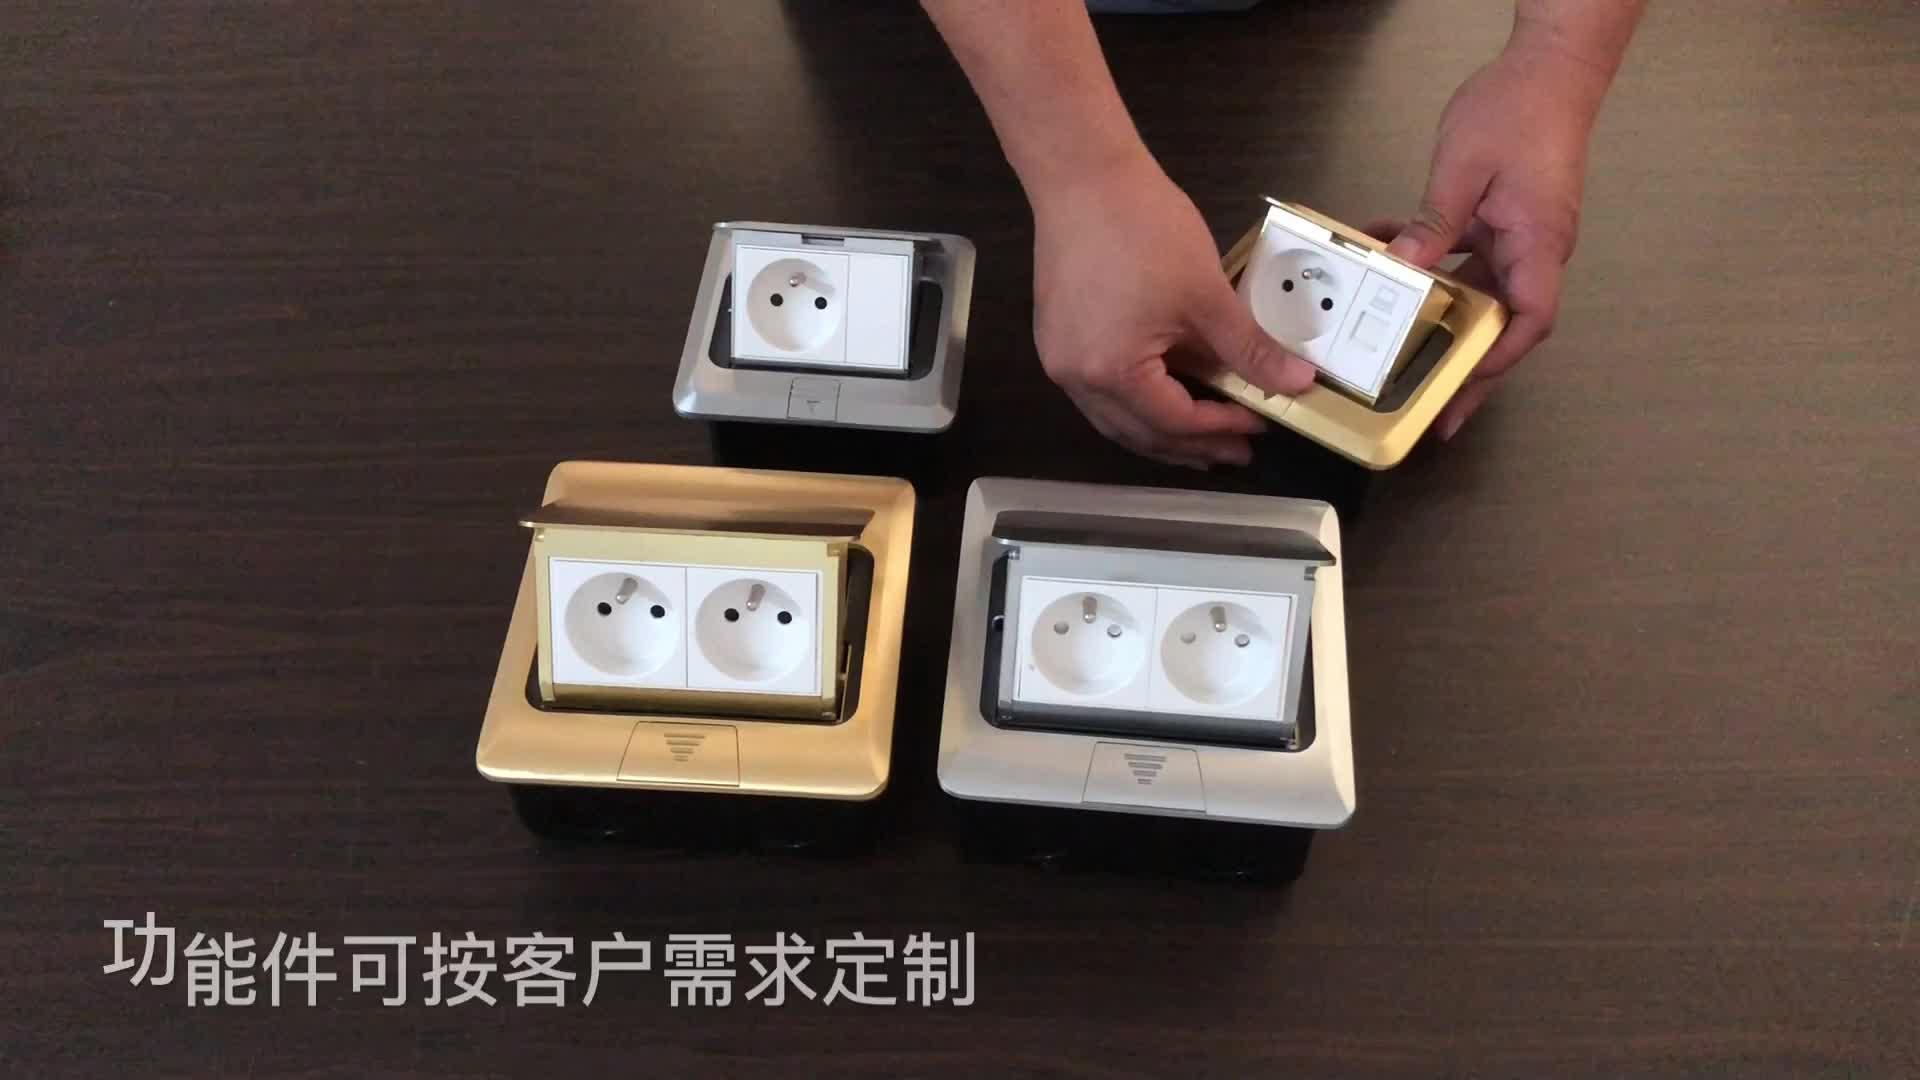 带盖板底盒 隐藏弹起式电脑法标地板插座 铝合金网络法式地面插座